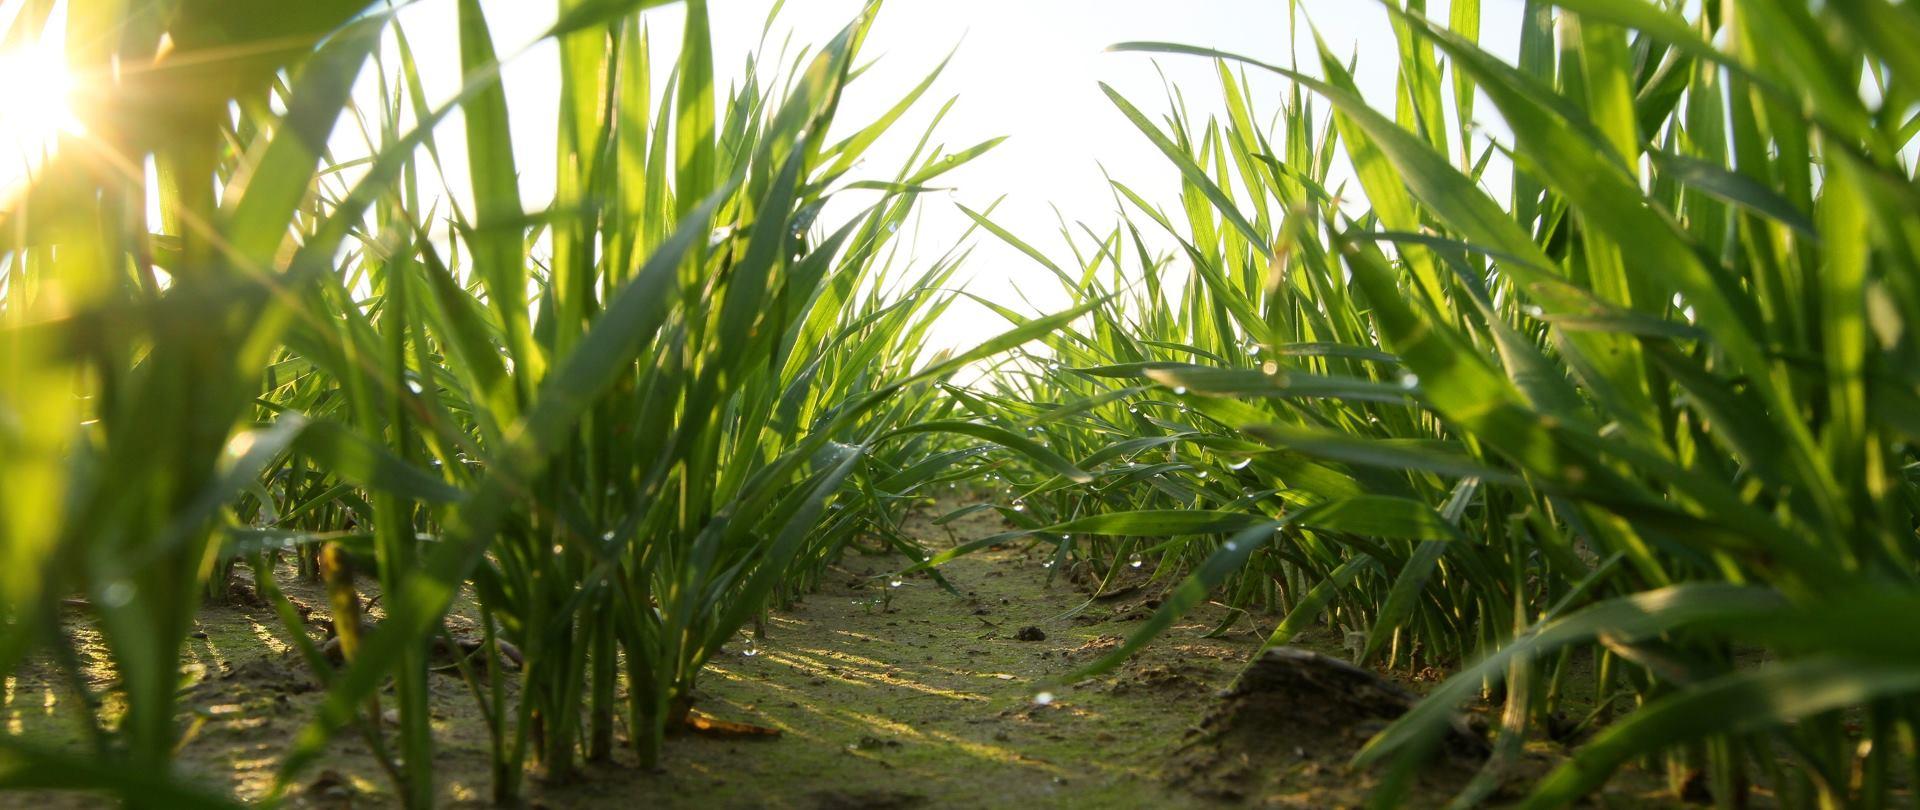 NALAZIŠTE U IZRAELU Uzgoja žitarica počeo 11 tisućljeća prije razdoblja poljoprivrede?